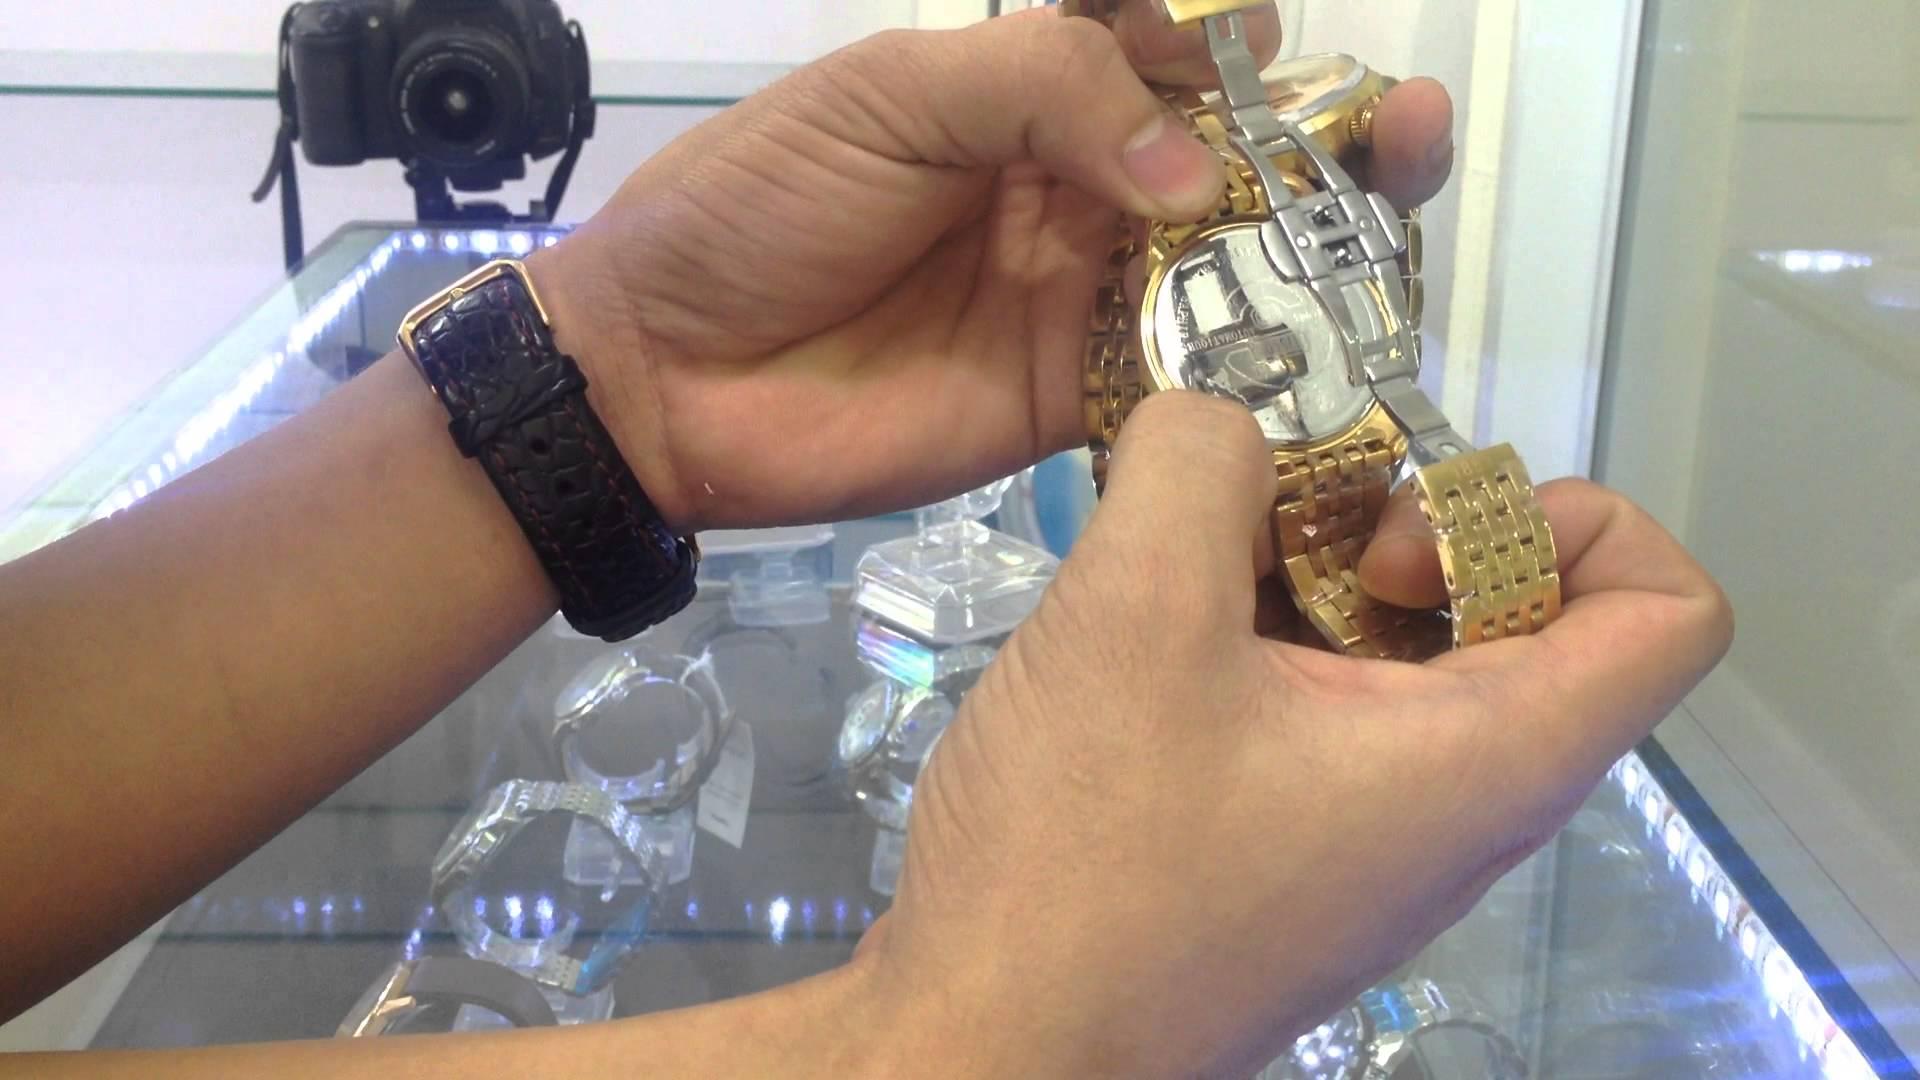 Kiểm tra thật kỹ phần khóa của đồng hồ OP